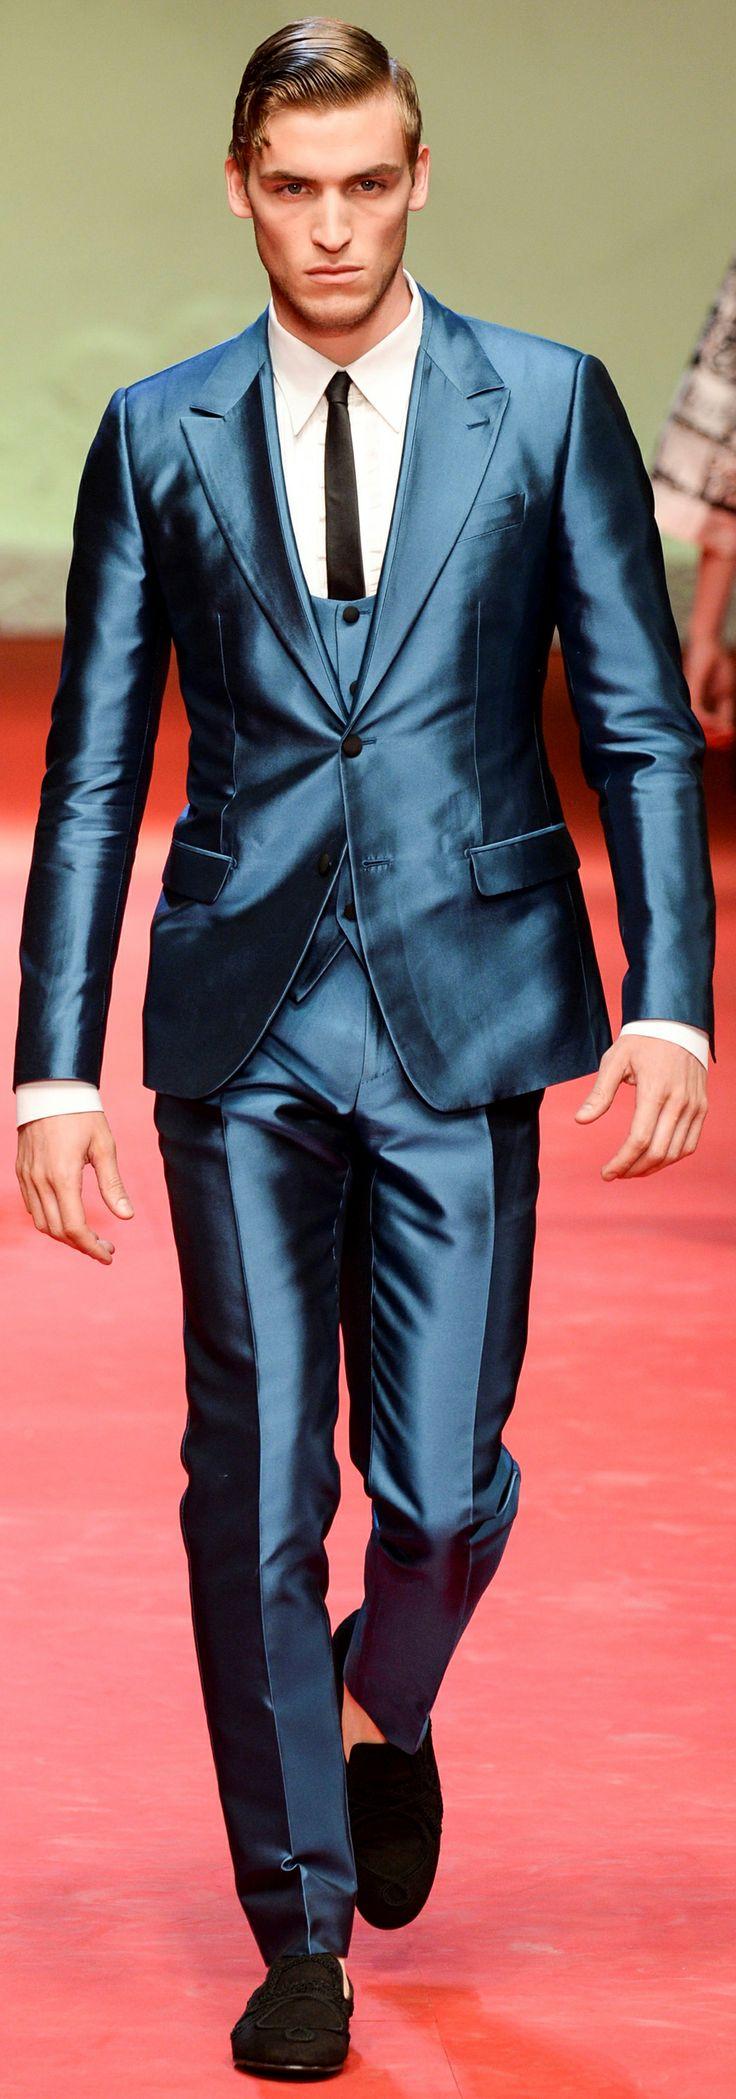 65 best Men: Suits & Tuxedos images on Pinterest | Man suit, Tuxedo ...